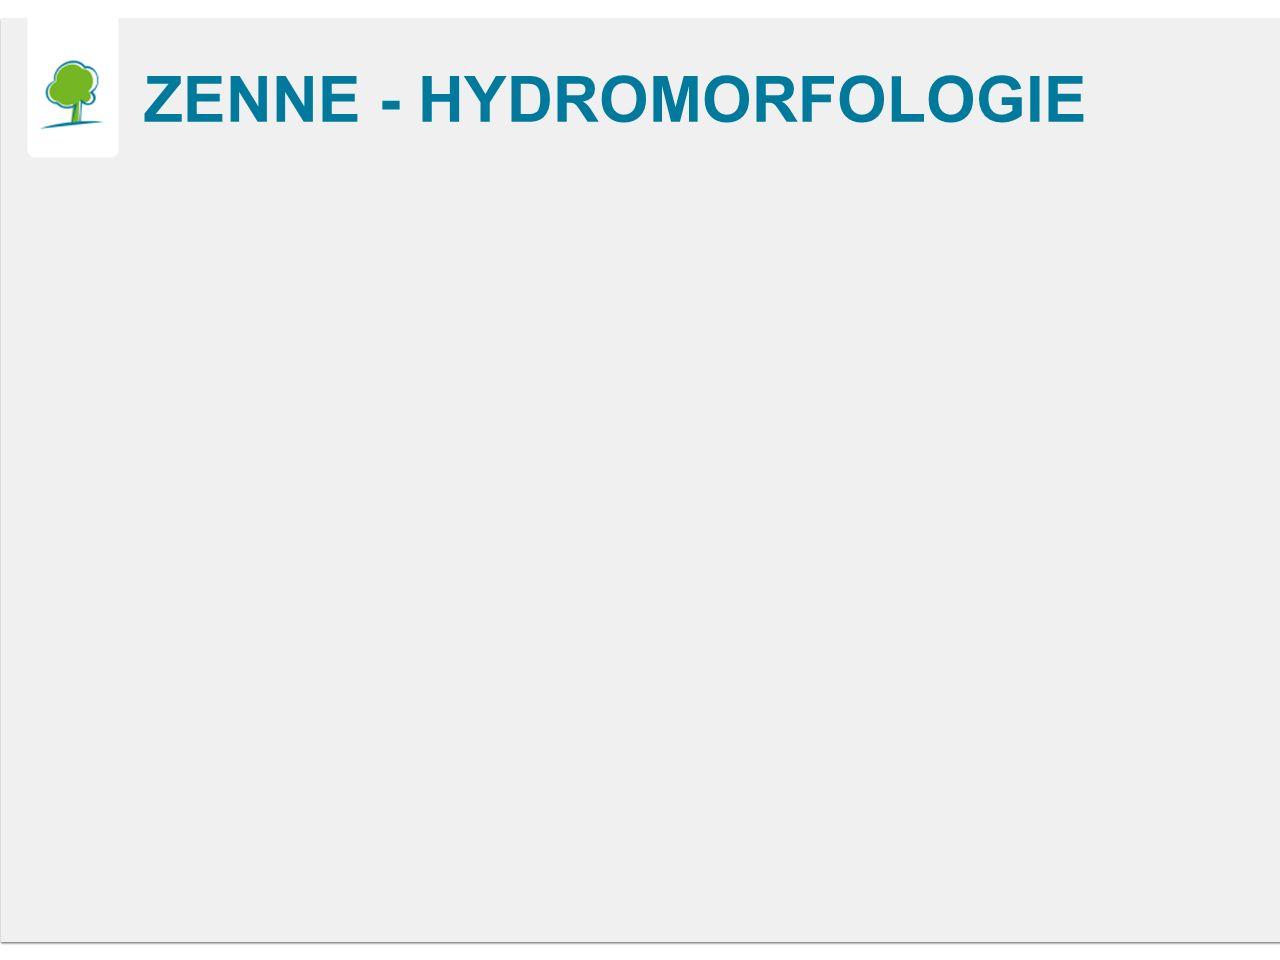 ZENNE - HYDROMORFOLOGIE